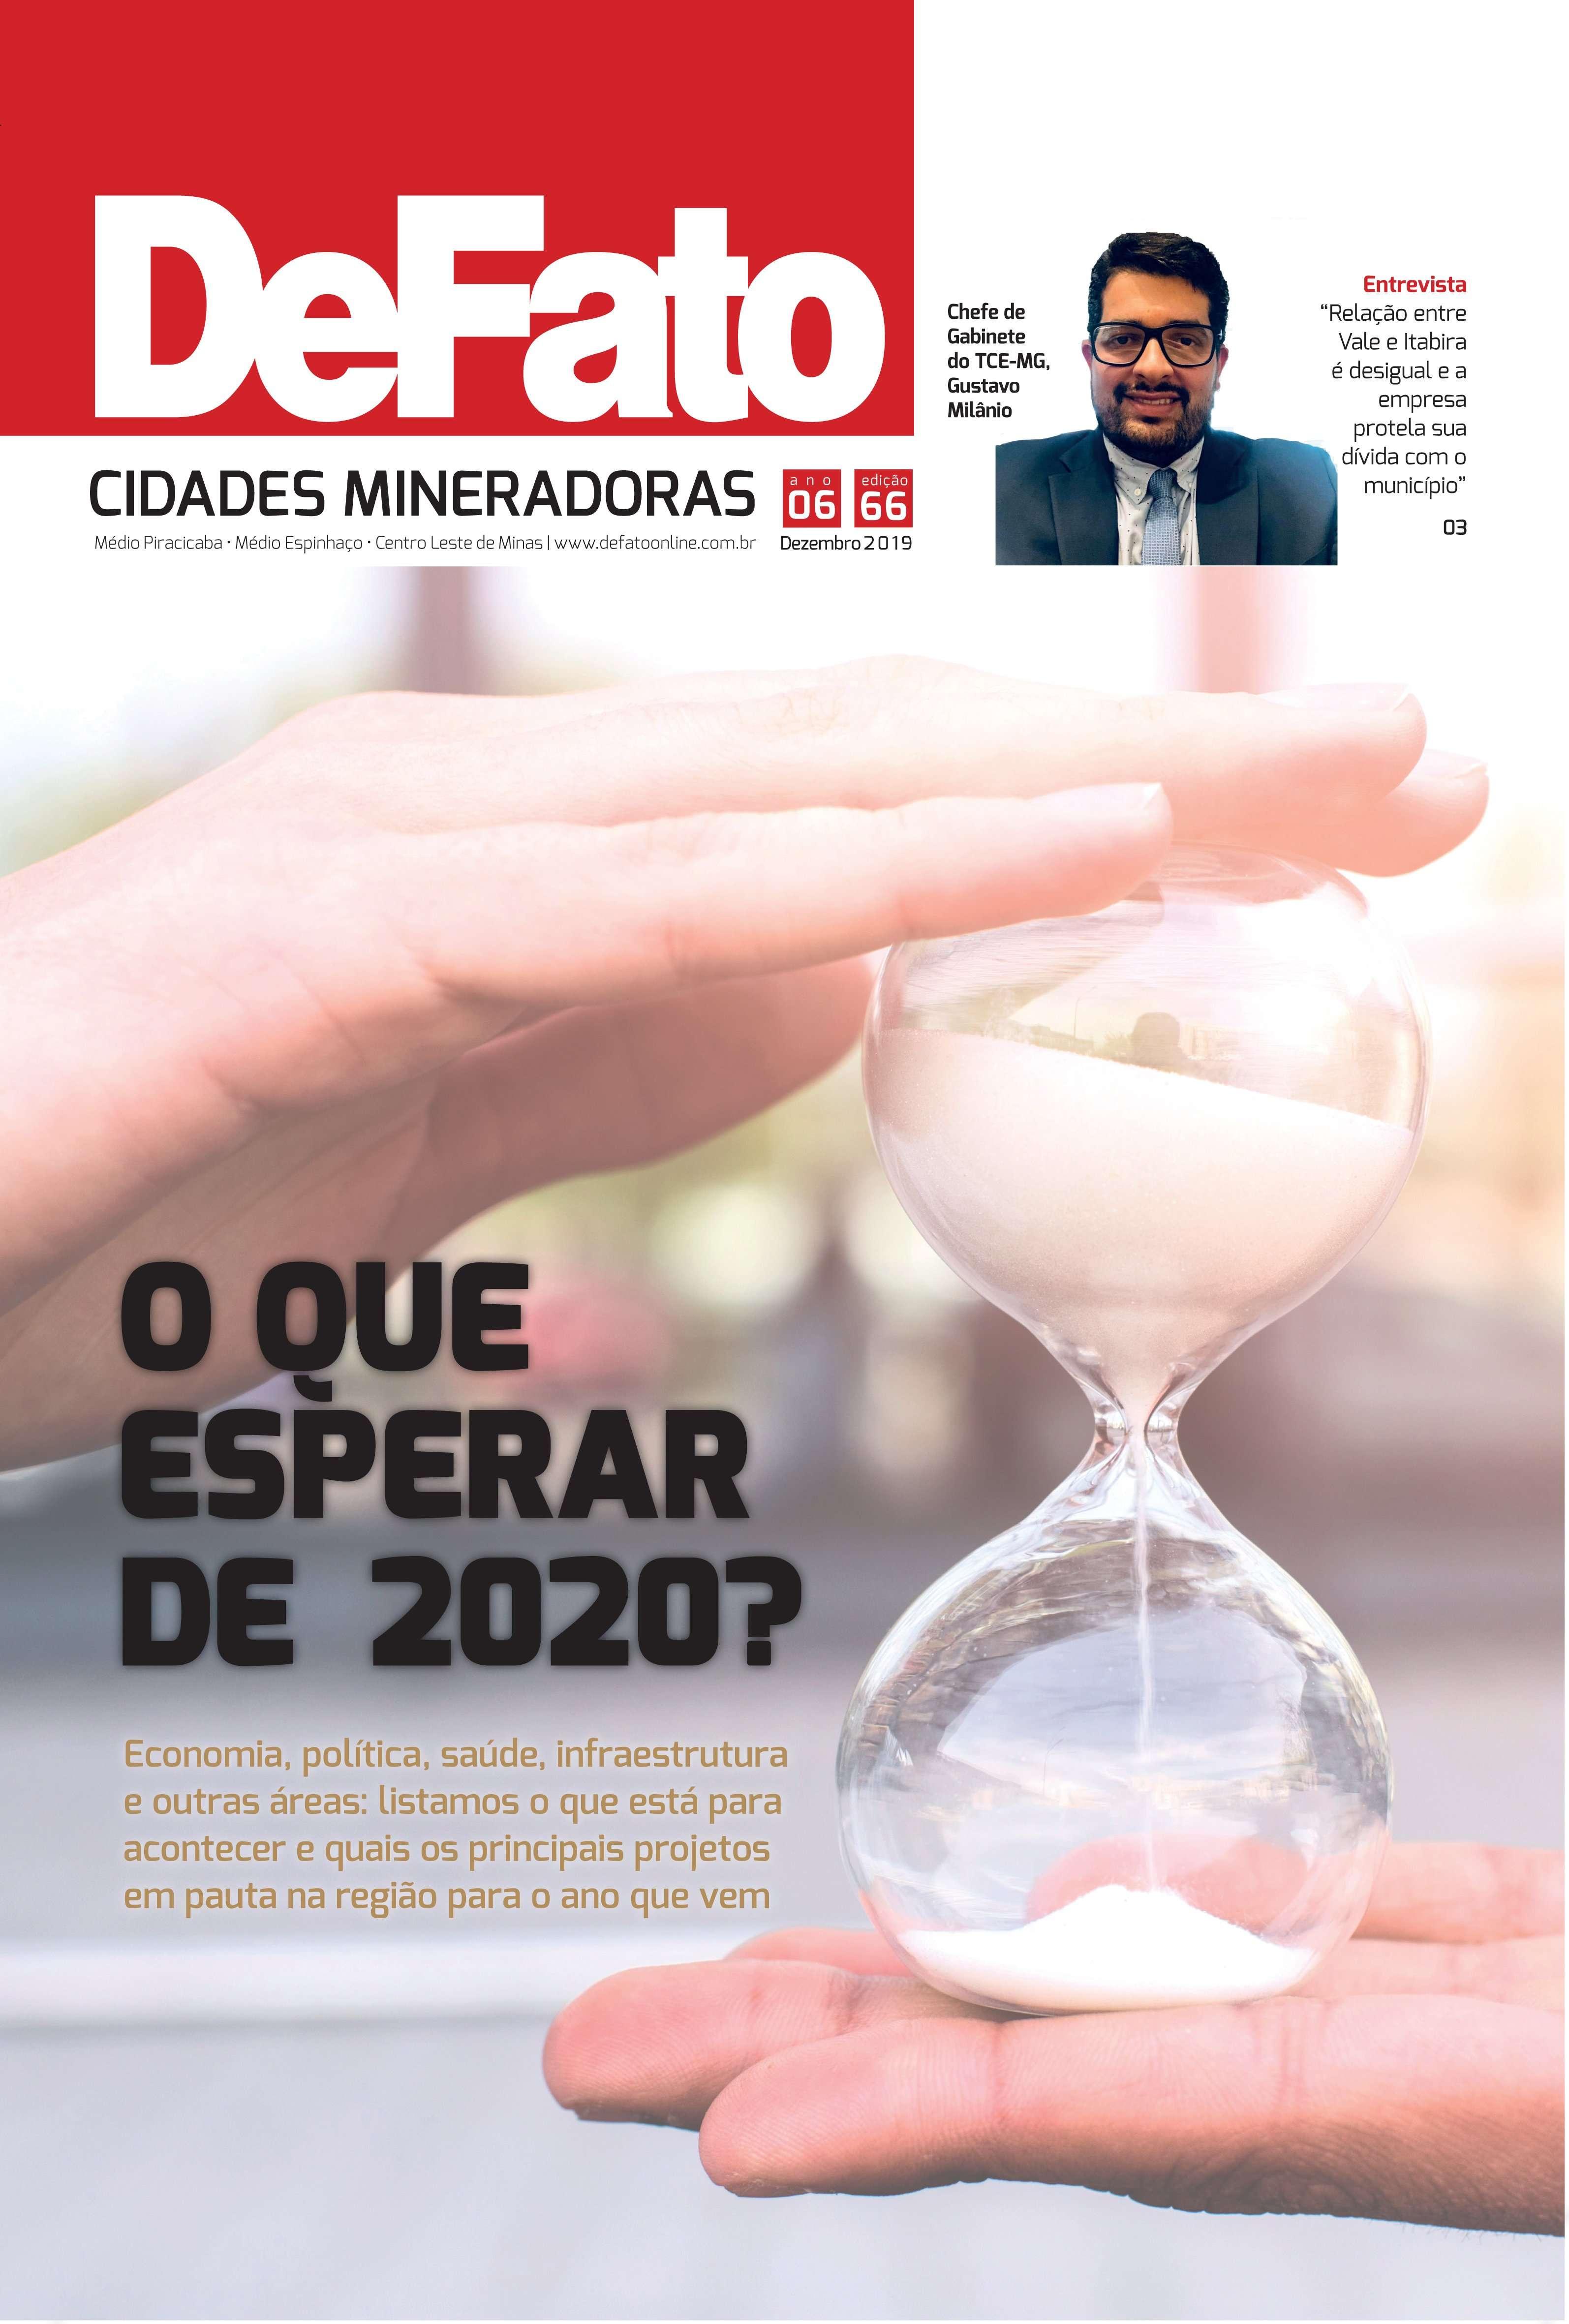 Jornal DeFato Cidades Mineradoras – Edição 66